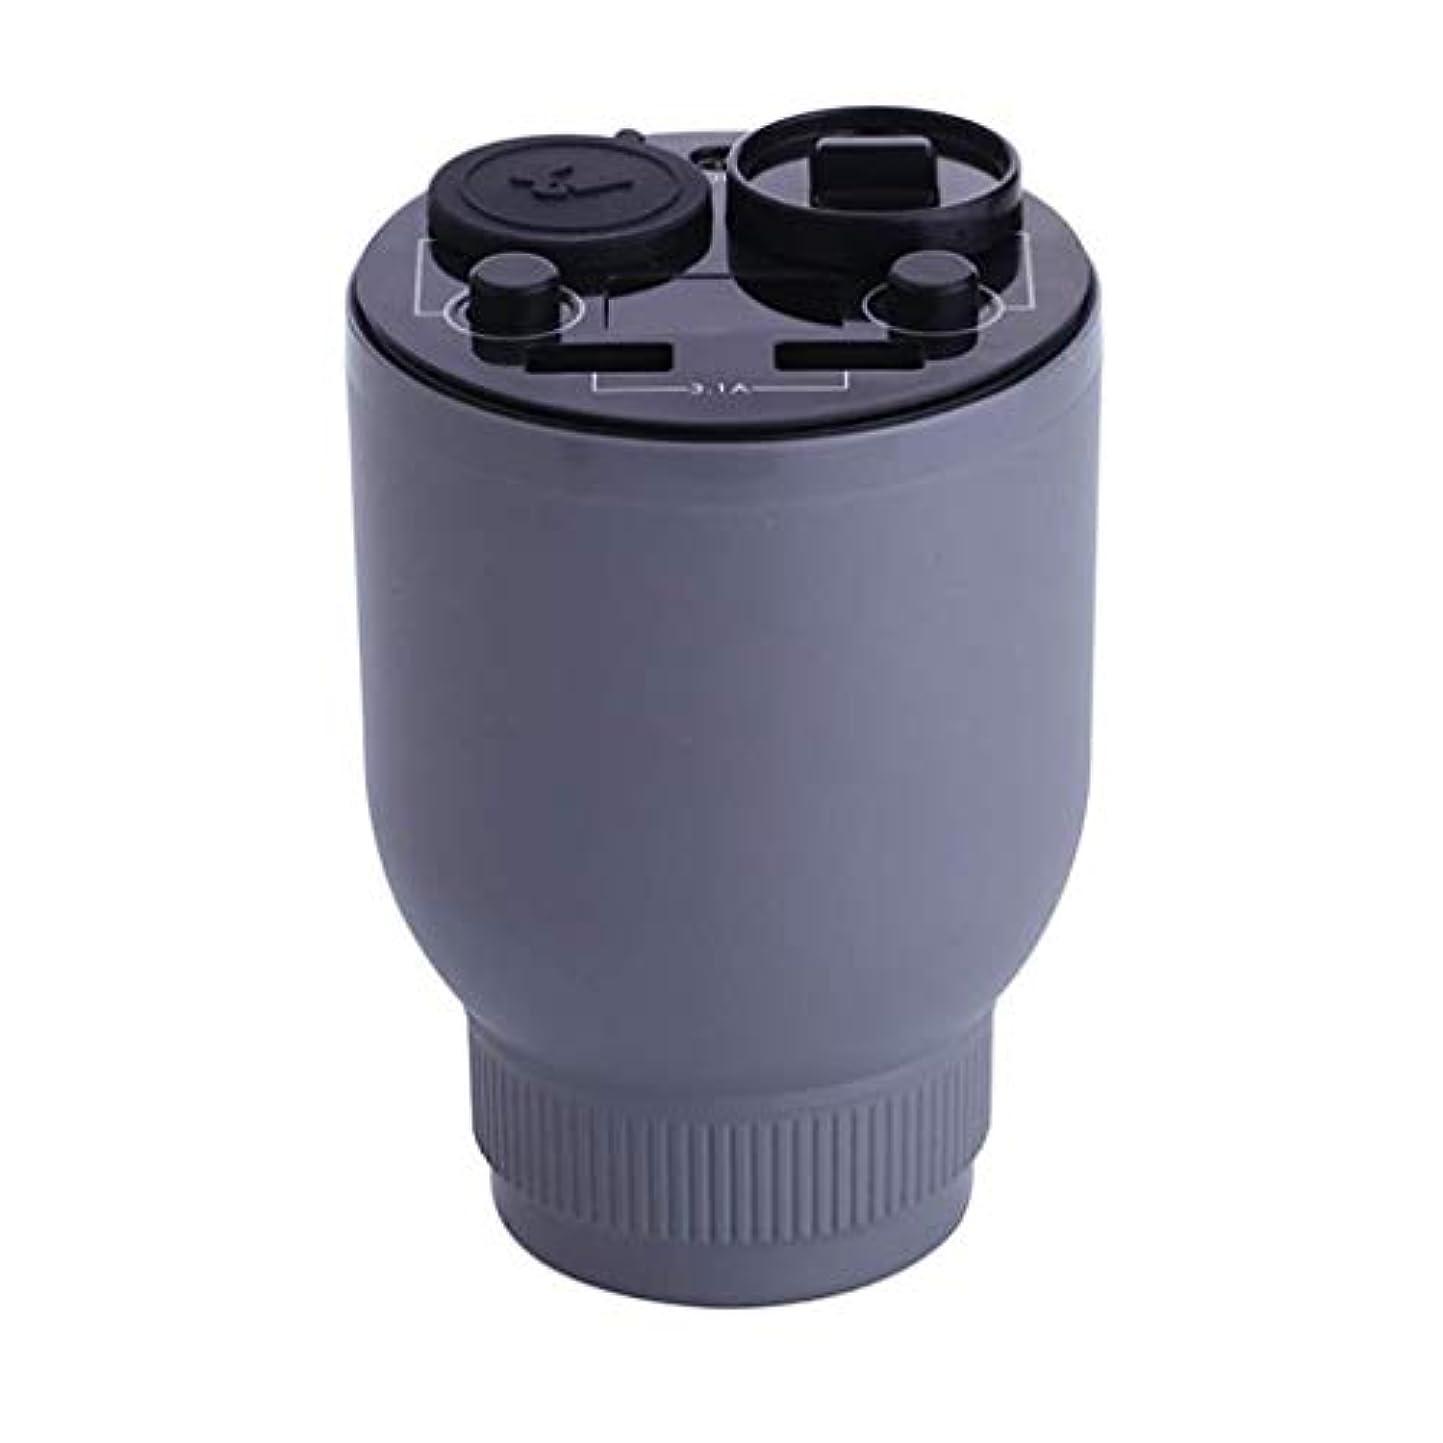 マキシムもちろん確認する電気アロマディフューザー、超音波加湿器、携帯用空気浄化アロマテラピーマシン、車のファッションデザイン用車アロマセラピーカップ付きタバコ (Color : Gray)